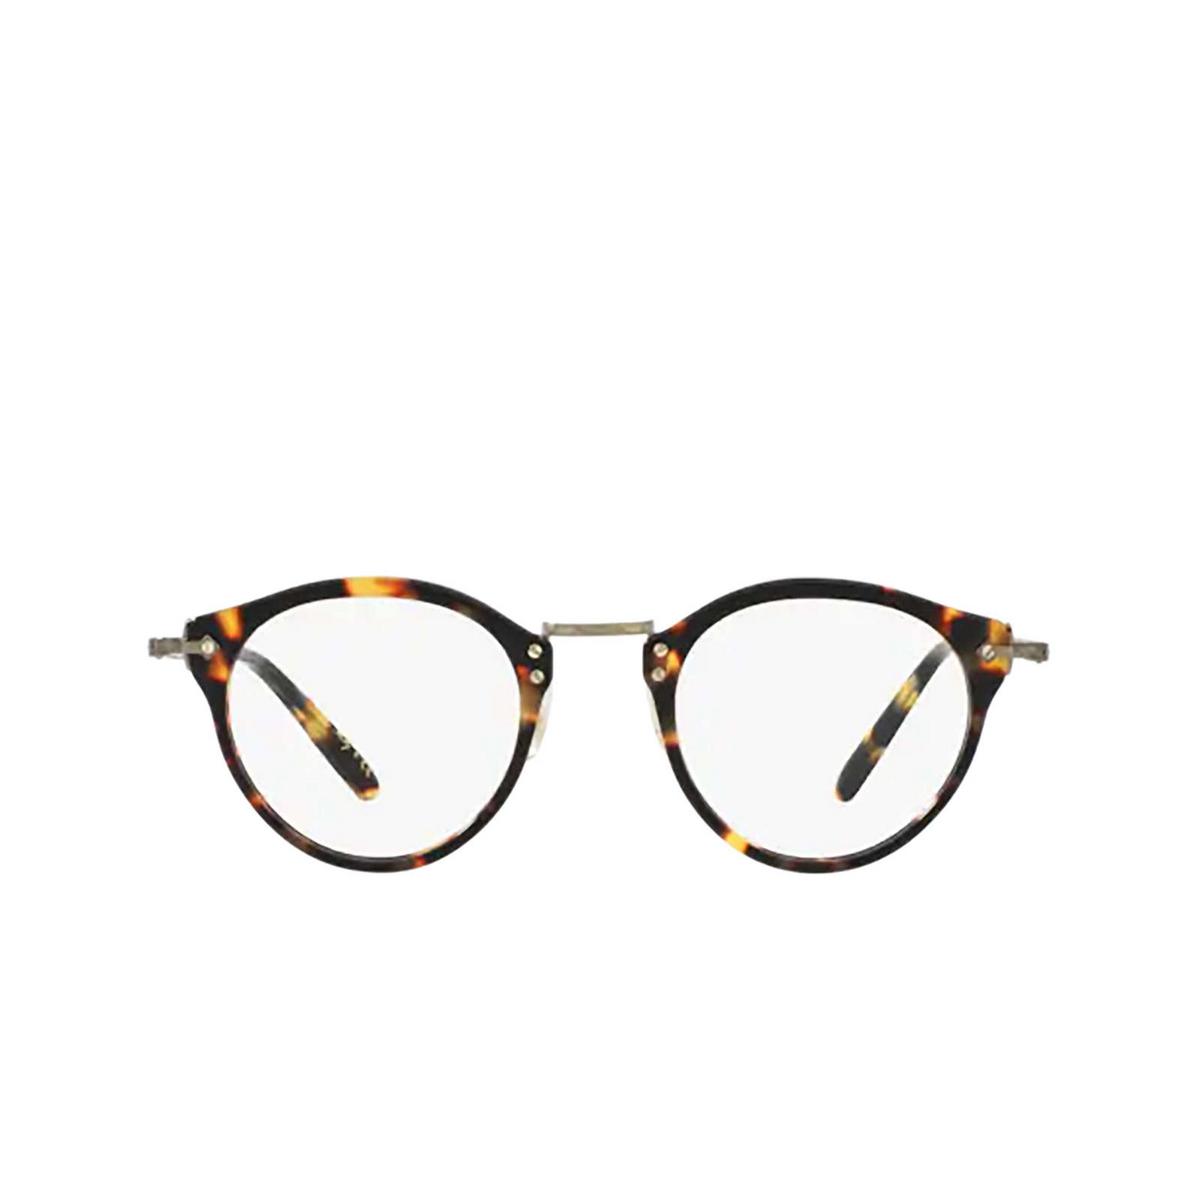 Oliver Peoples® Round Eyeglasses: Op-505 OV5184 color Vintage Dtb 1407 - front view.